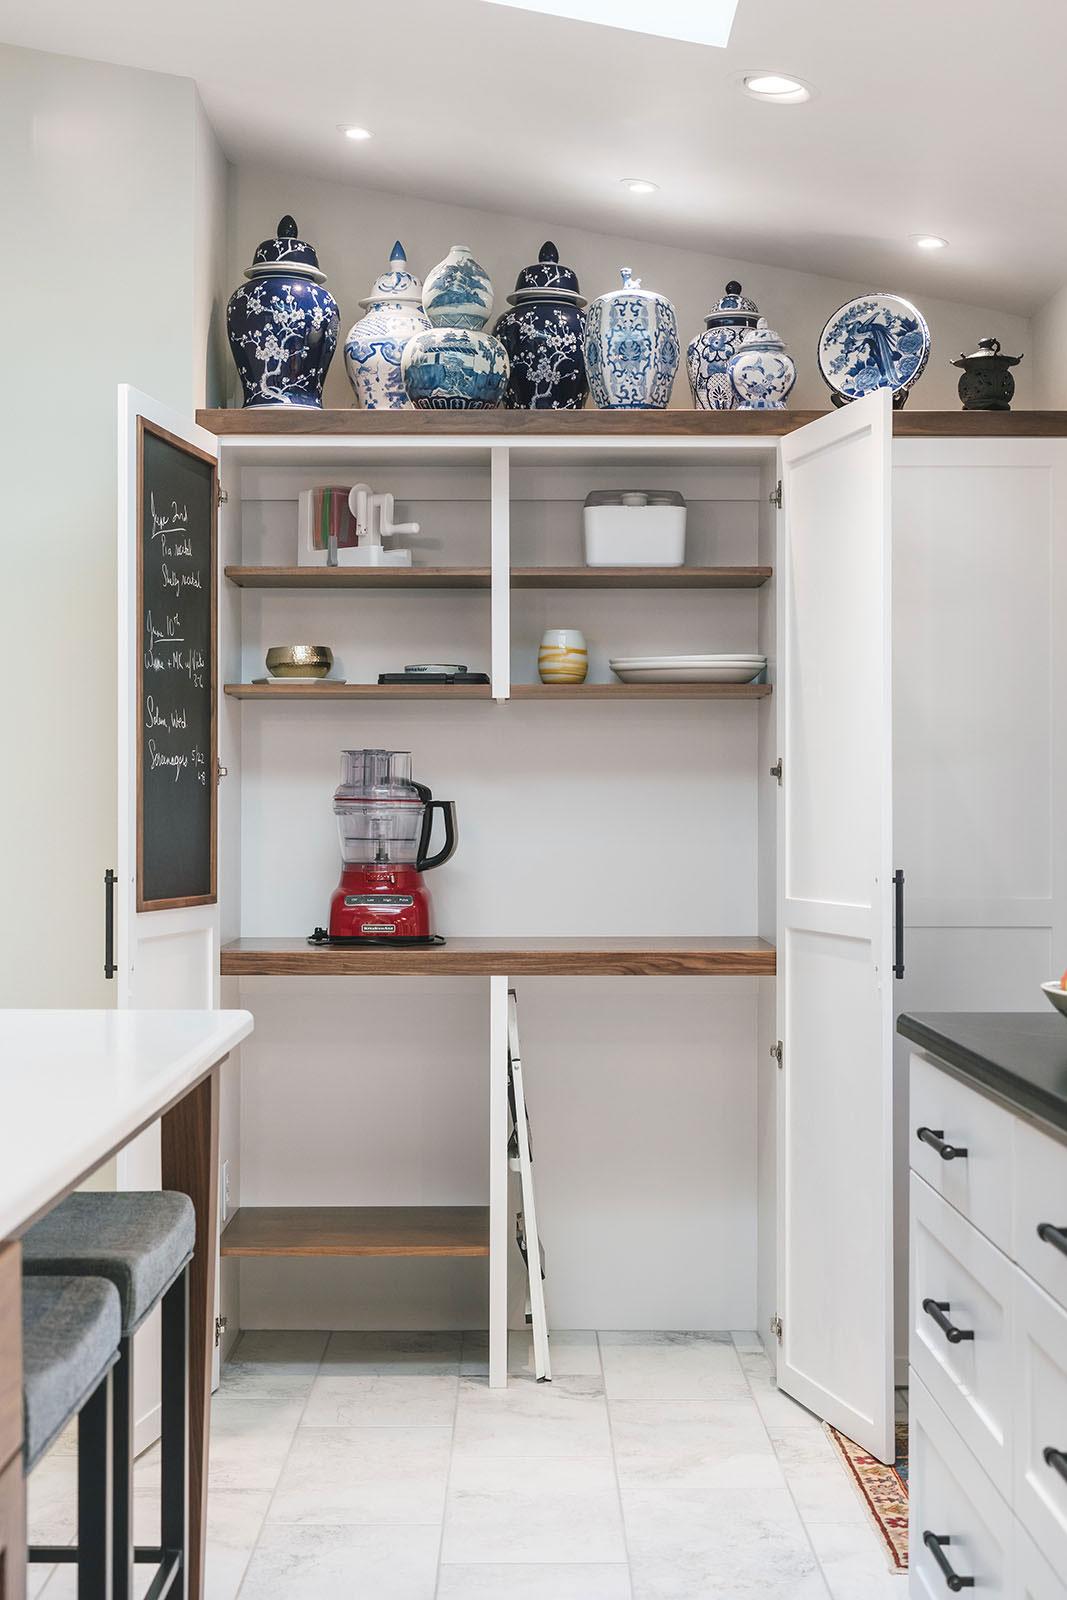 industrial kitchen design, home remodel - Henderer Design + Build, Corvallis OR